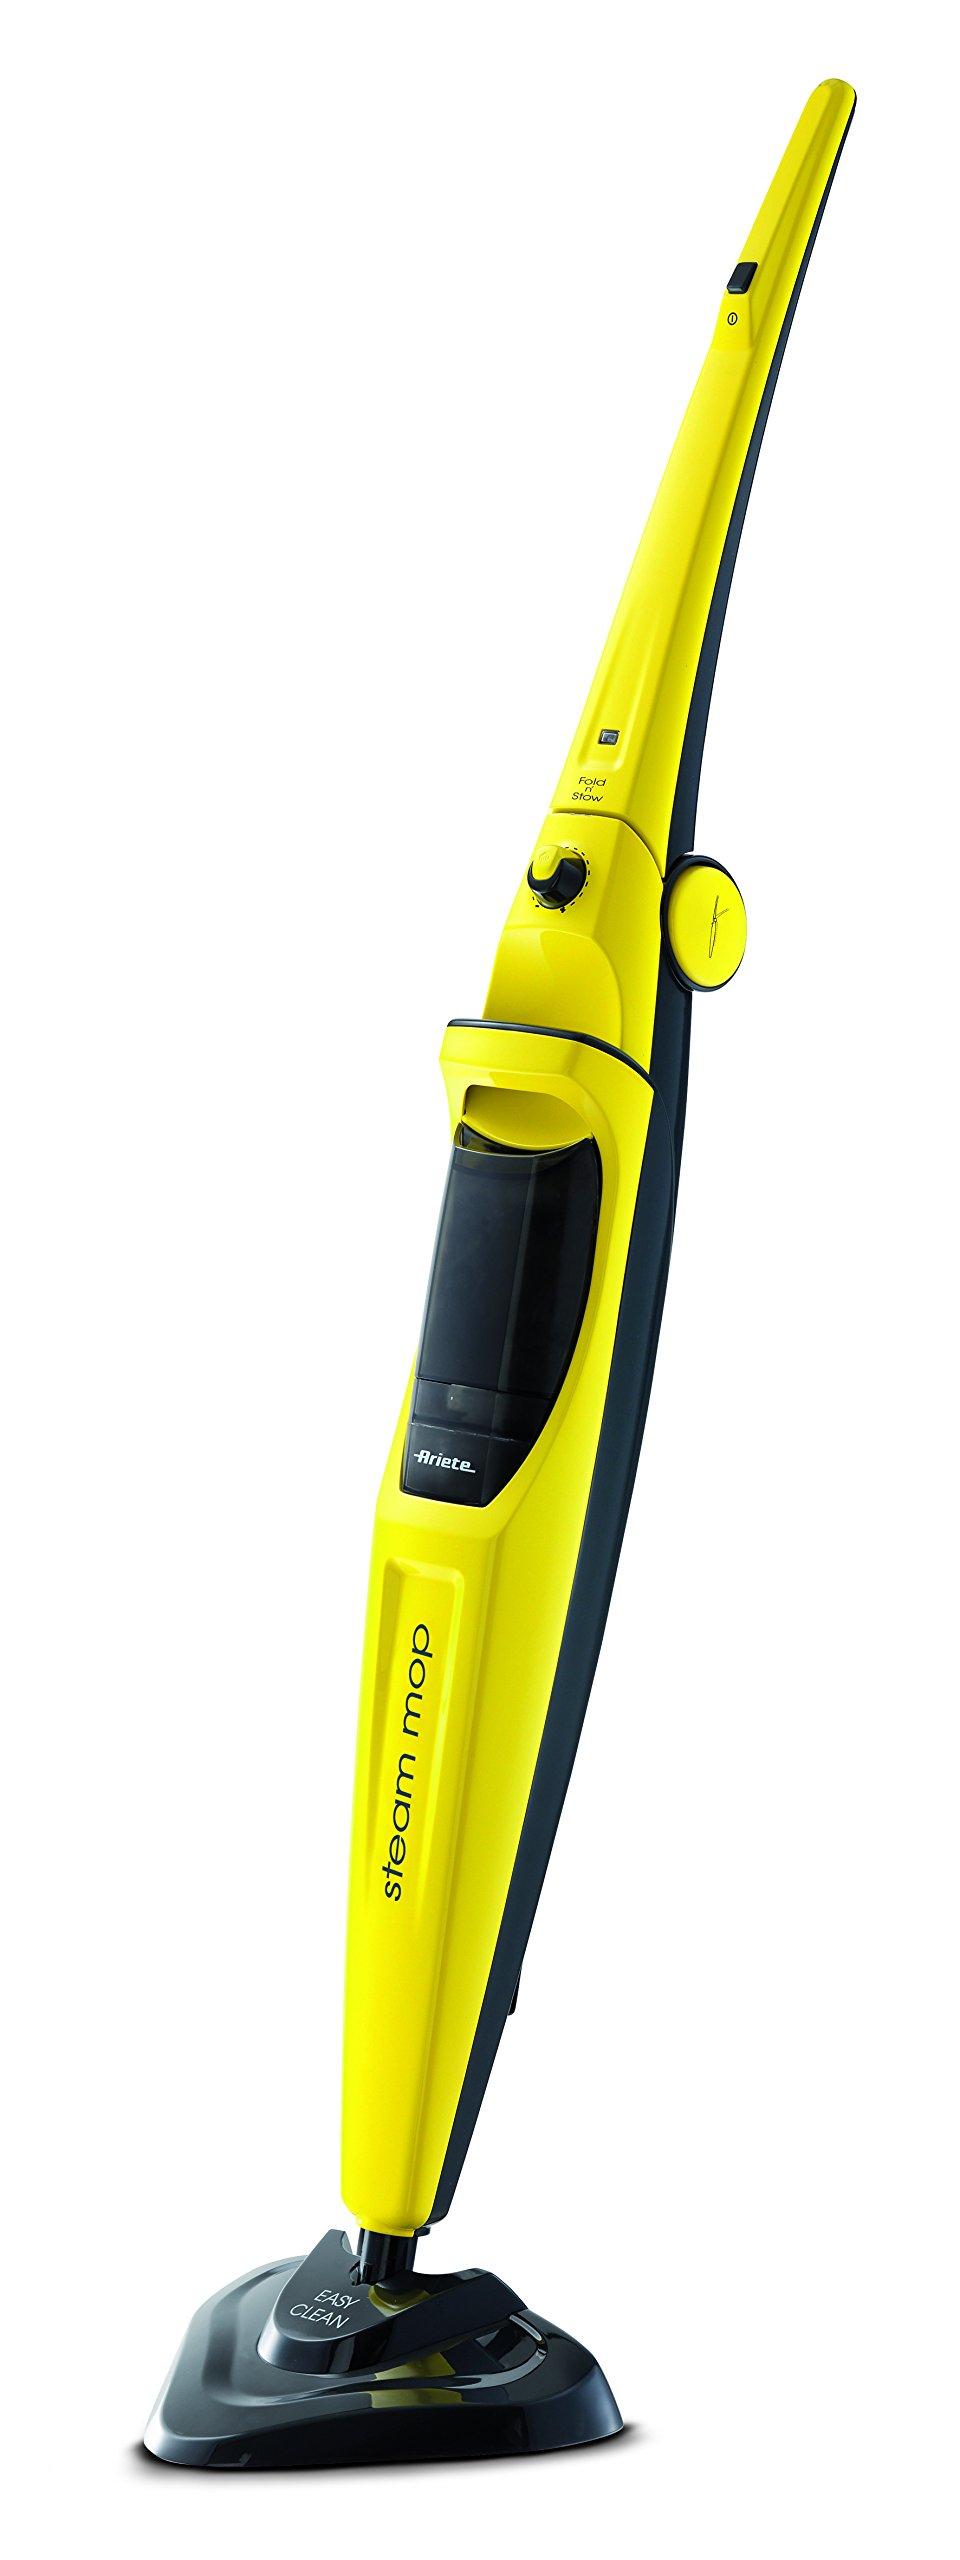 Ariete-4163-gelb-Dampfreiniger-gelb